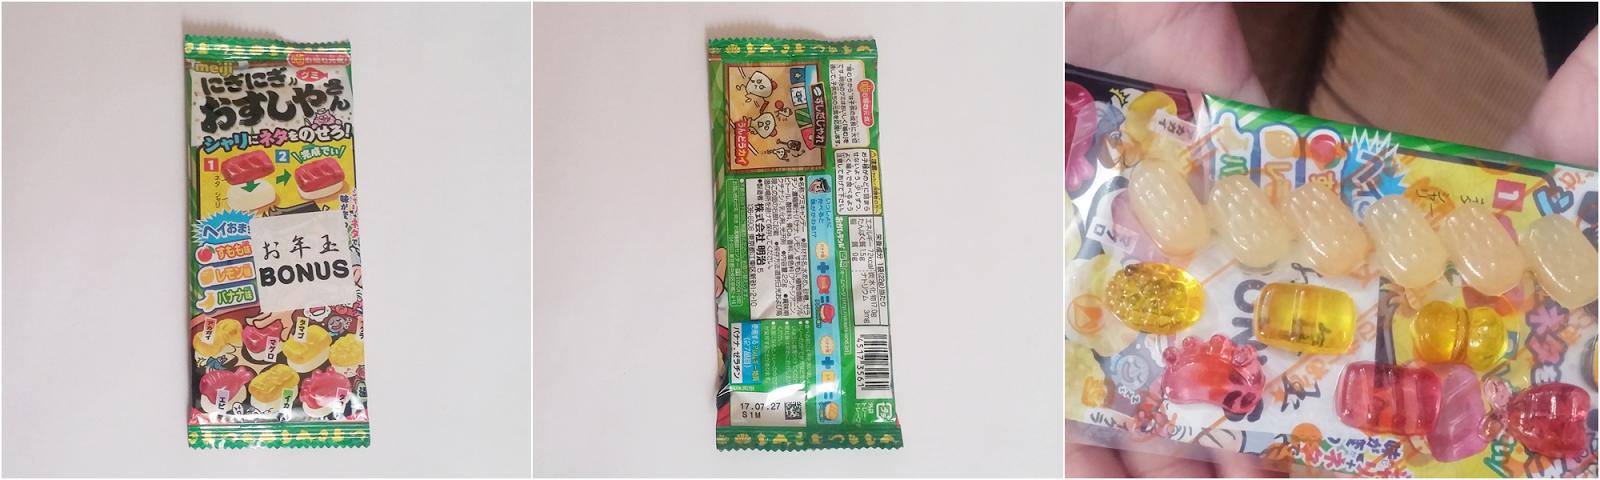 Tokyo Treat Bonus Snack